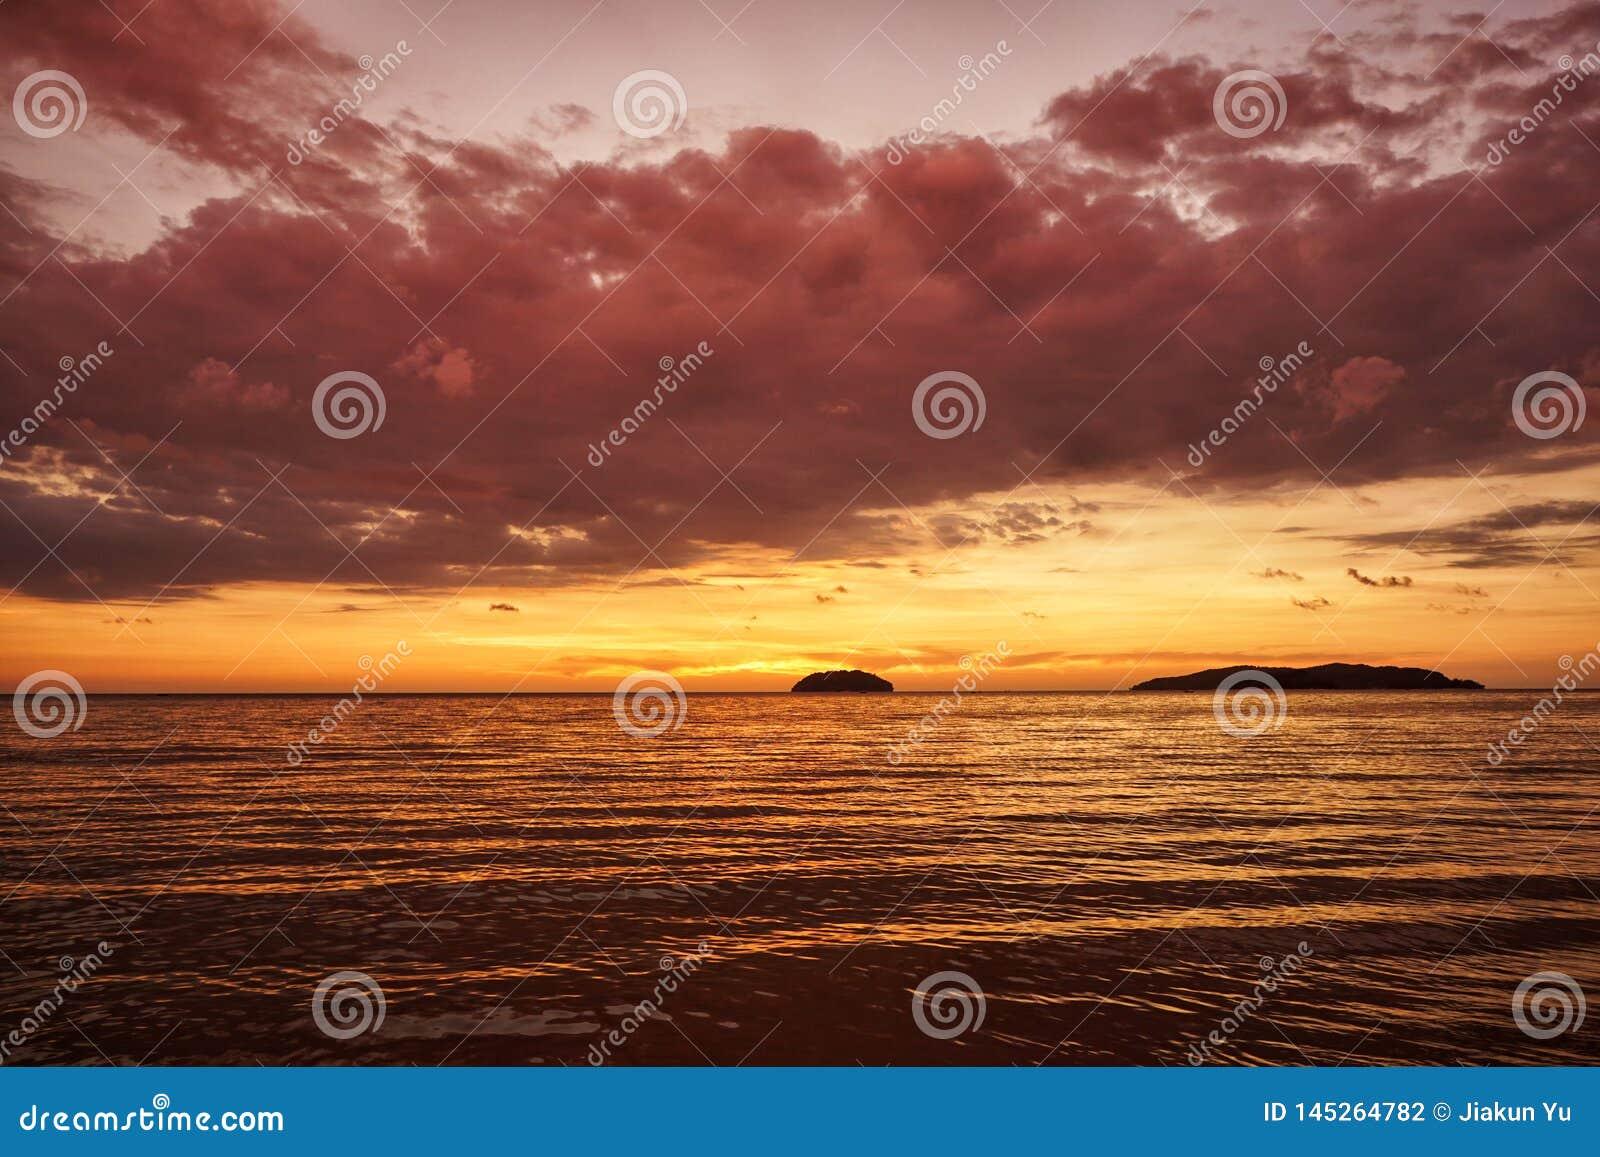 Gouden zonsondergang op het strand met donkere wolken en avondgloed Het overzeese bezinningsrode licht als zonsopgang